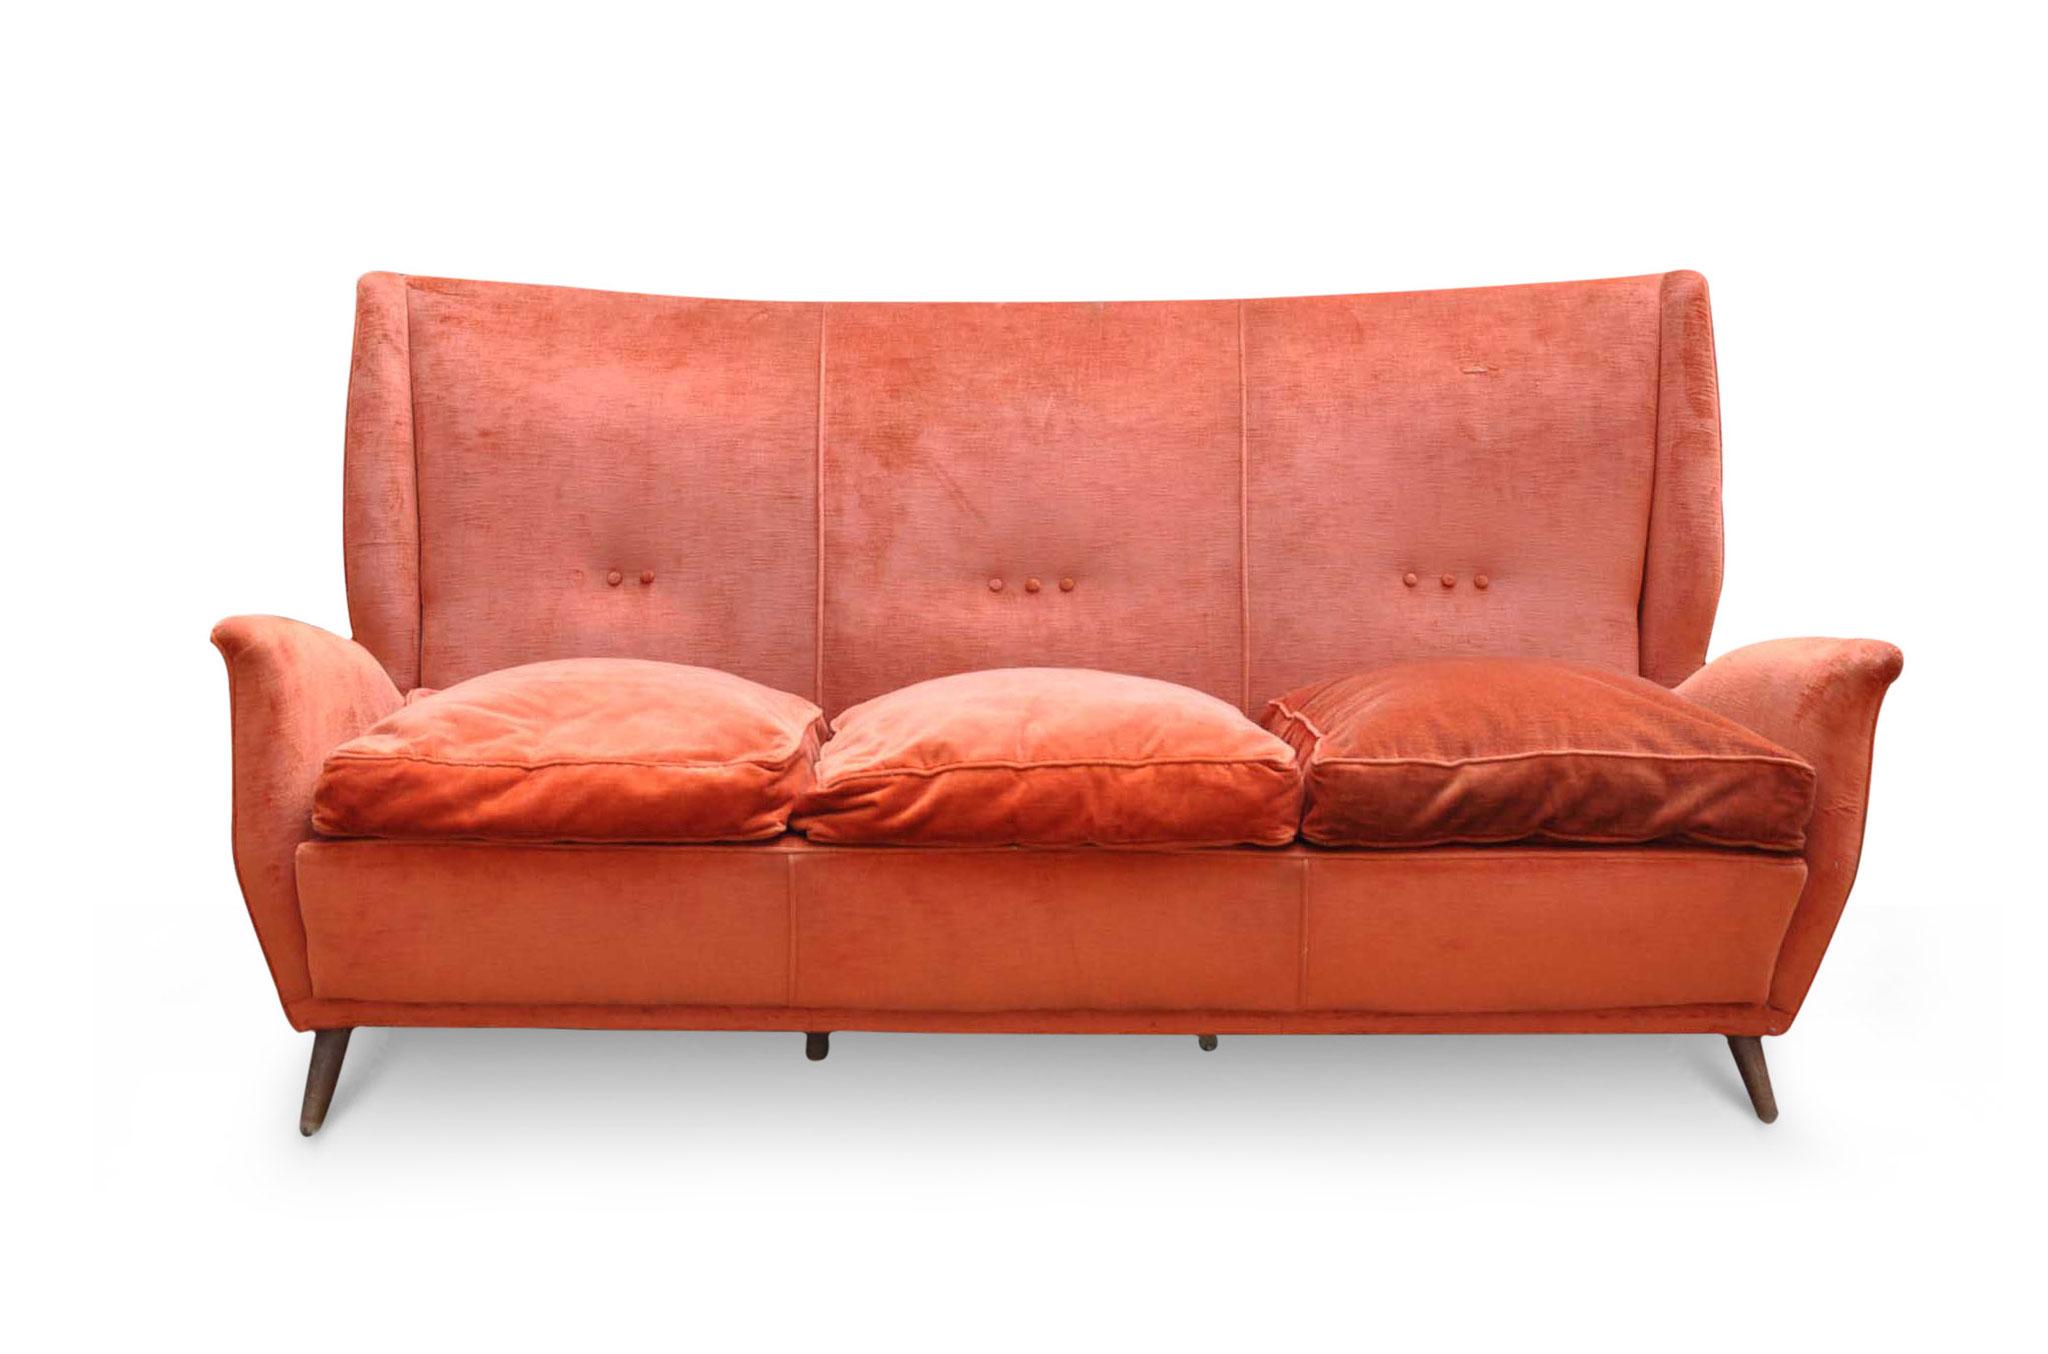 divano vintage Gio Ponti